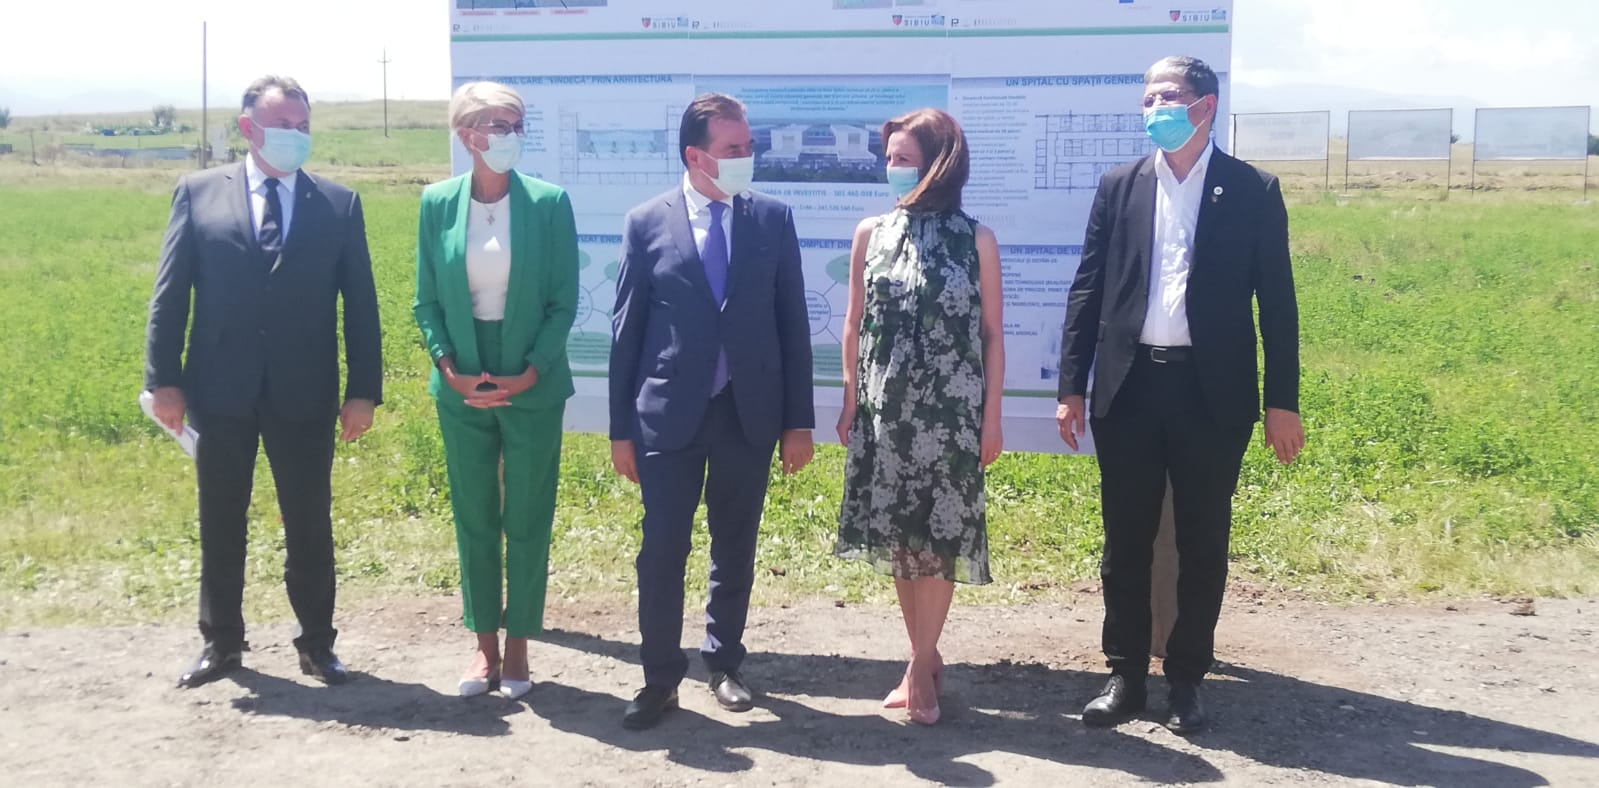 Premierul Orban, Ministrul Sănătății Nelu Tătaru, alături de președinta CJ Daniela Cîmpean în vizită la amplasamentul noului spital județean